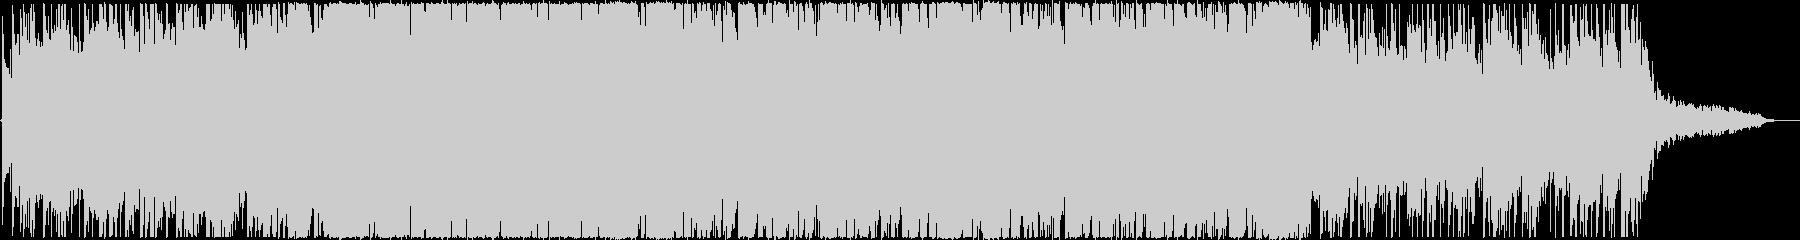 アップビート&ポップなエレクトロニック♪の未再生の波形